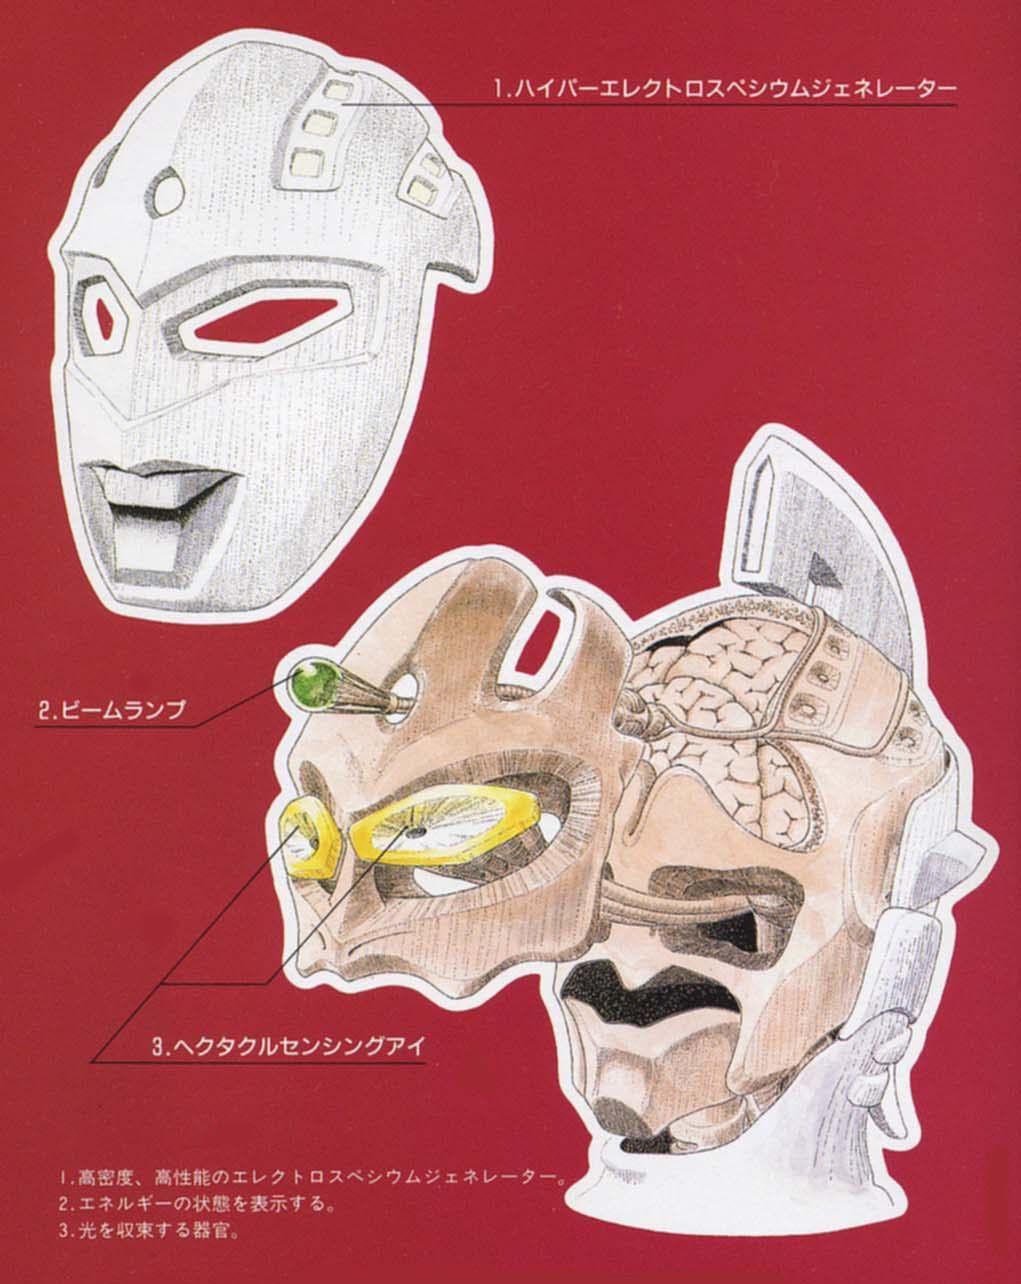 medical illustrations anatomy おしゃれまとめの人気アイデア pinterest ἀgamemnwn diocletian 怪獣 イラスト イラスト スケッチ